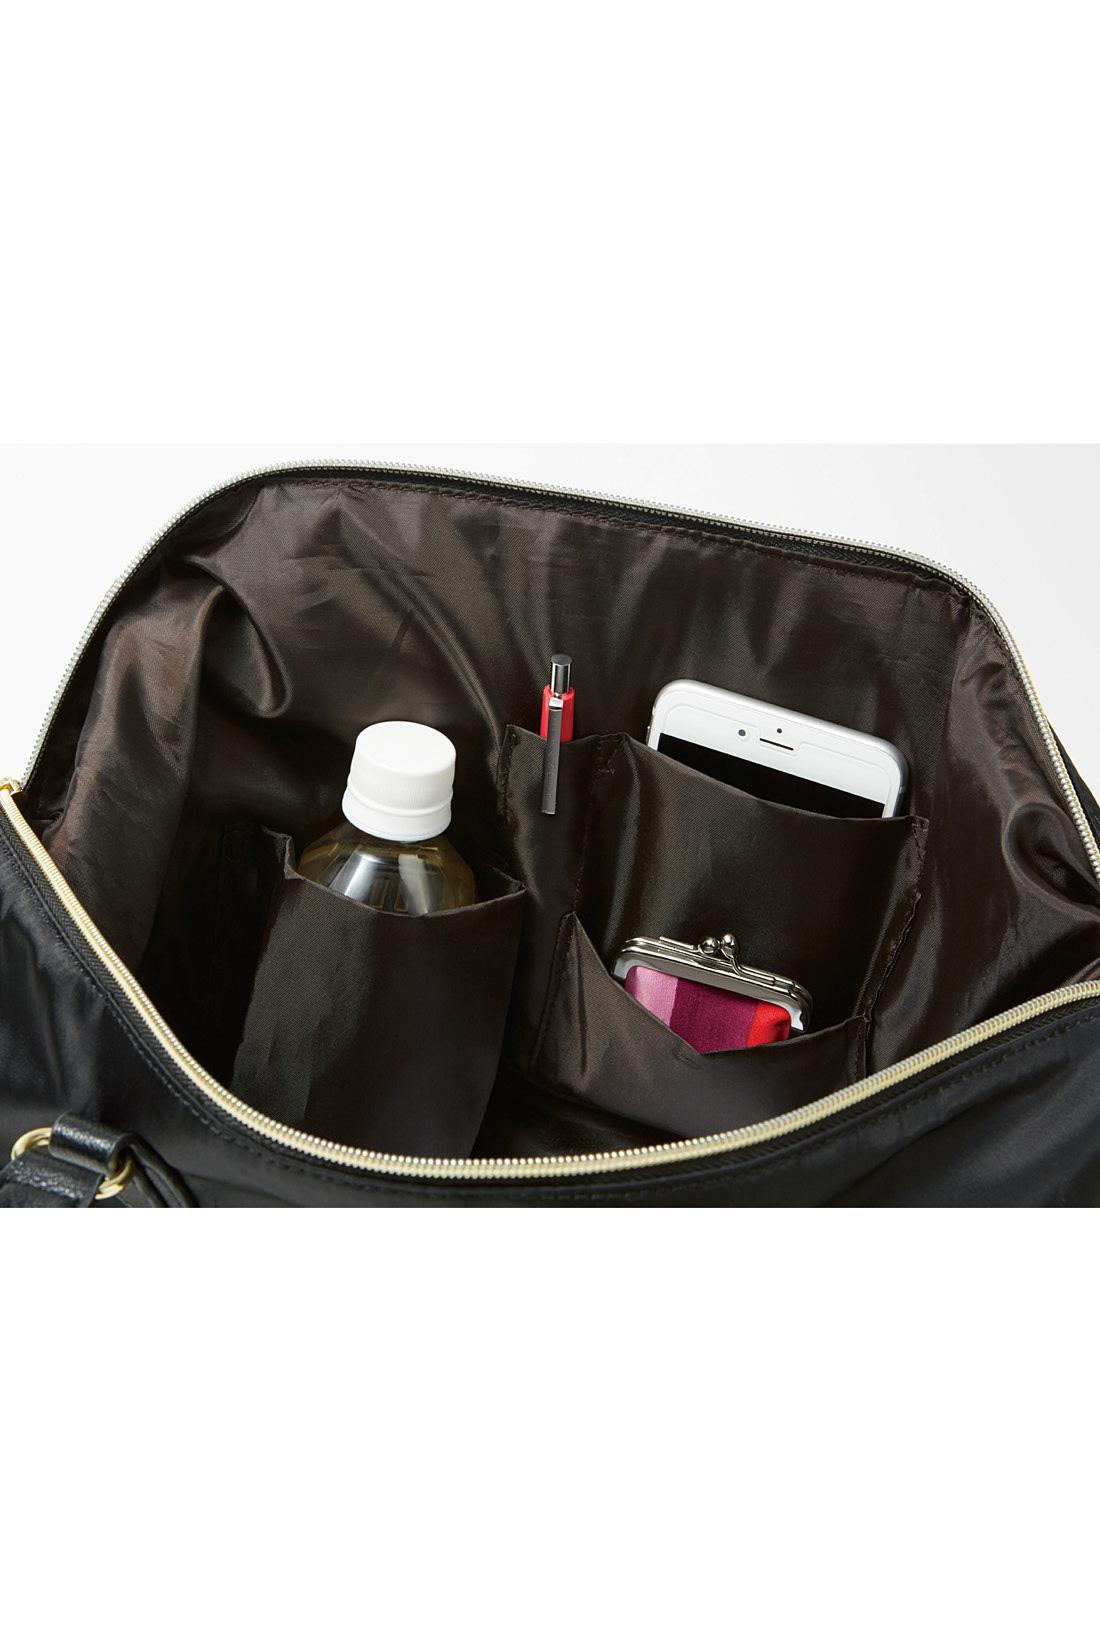 ペットボトル、ペン、充電器など、荷物に合わせた最適収納を想定。機能充実の指定席ポケットが4つ。中身が見渡せる大きく開く間口は、出し入れもノンストレス。